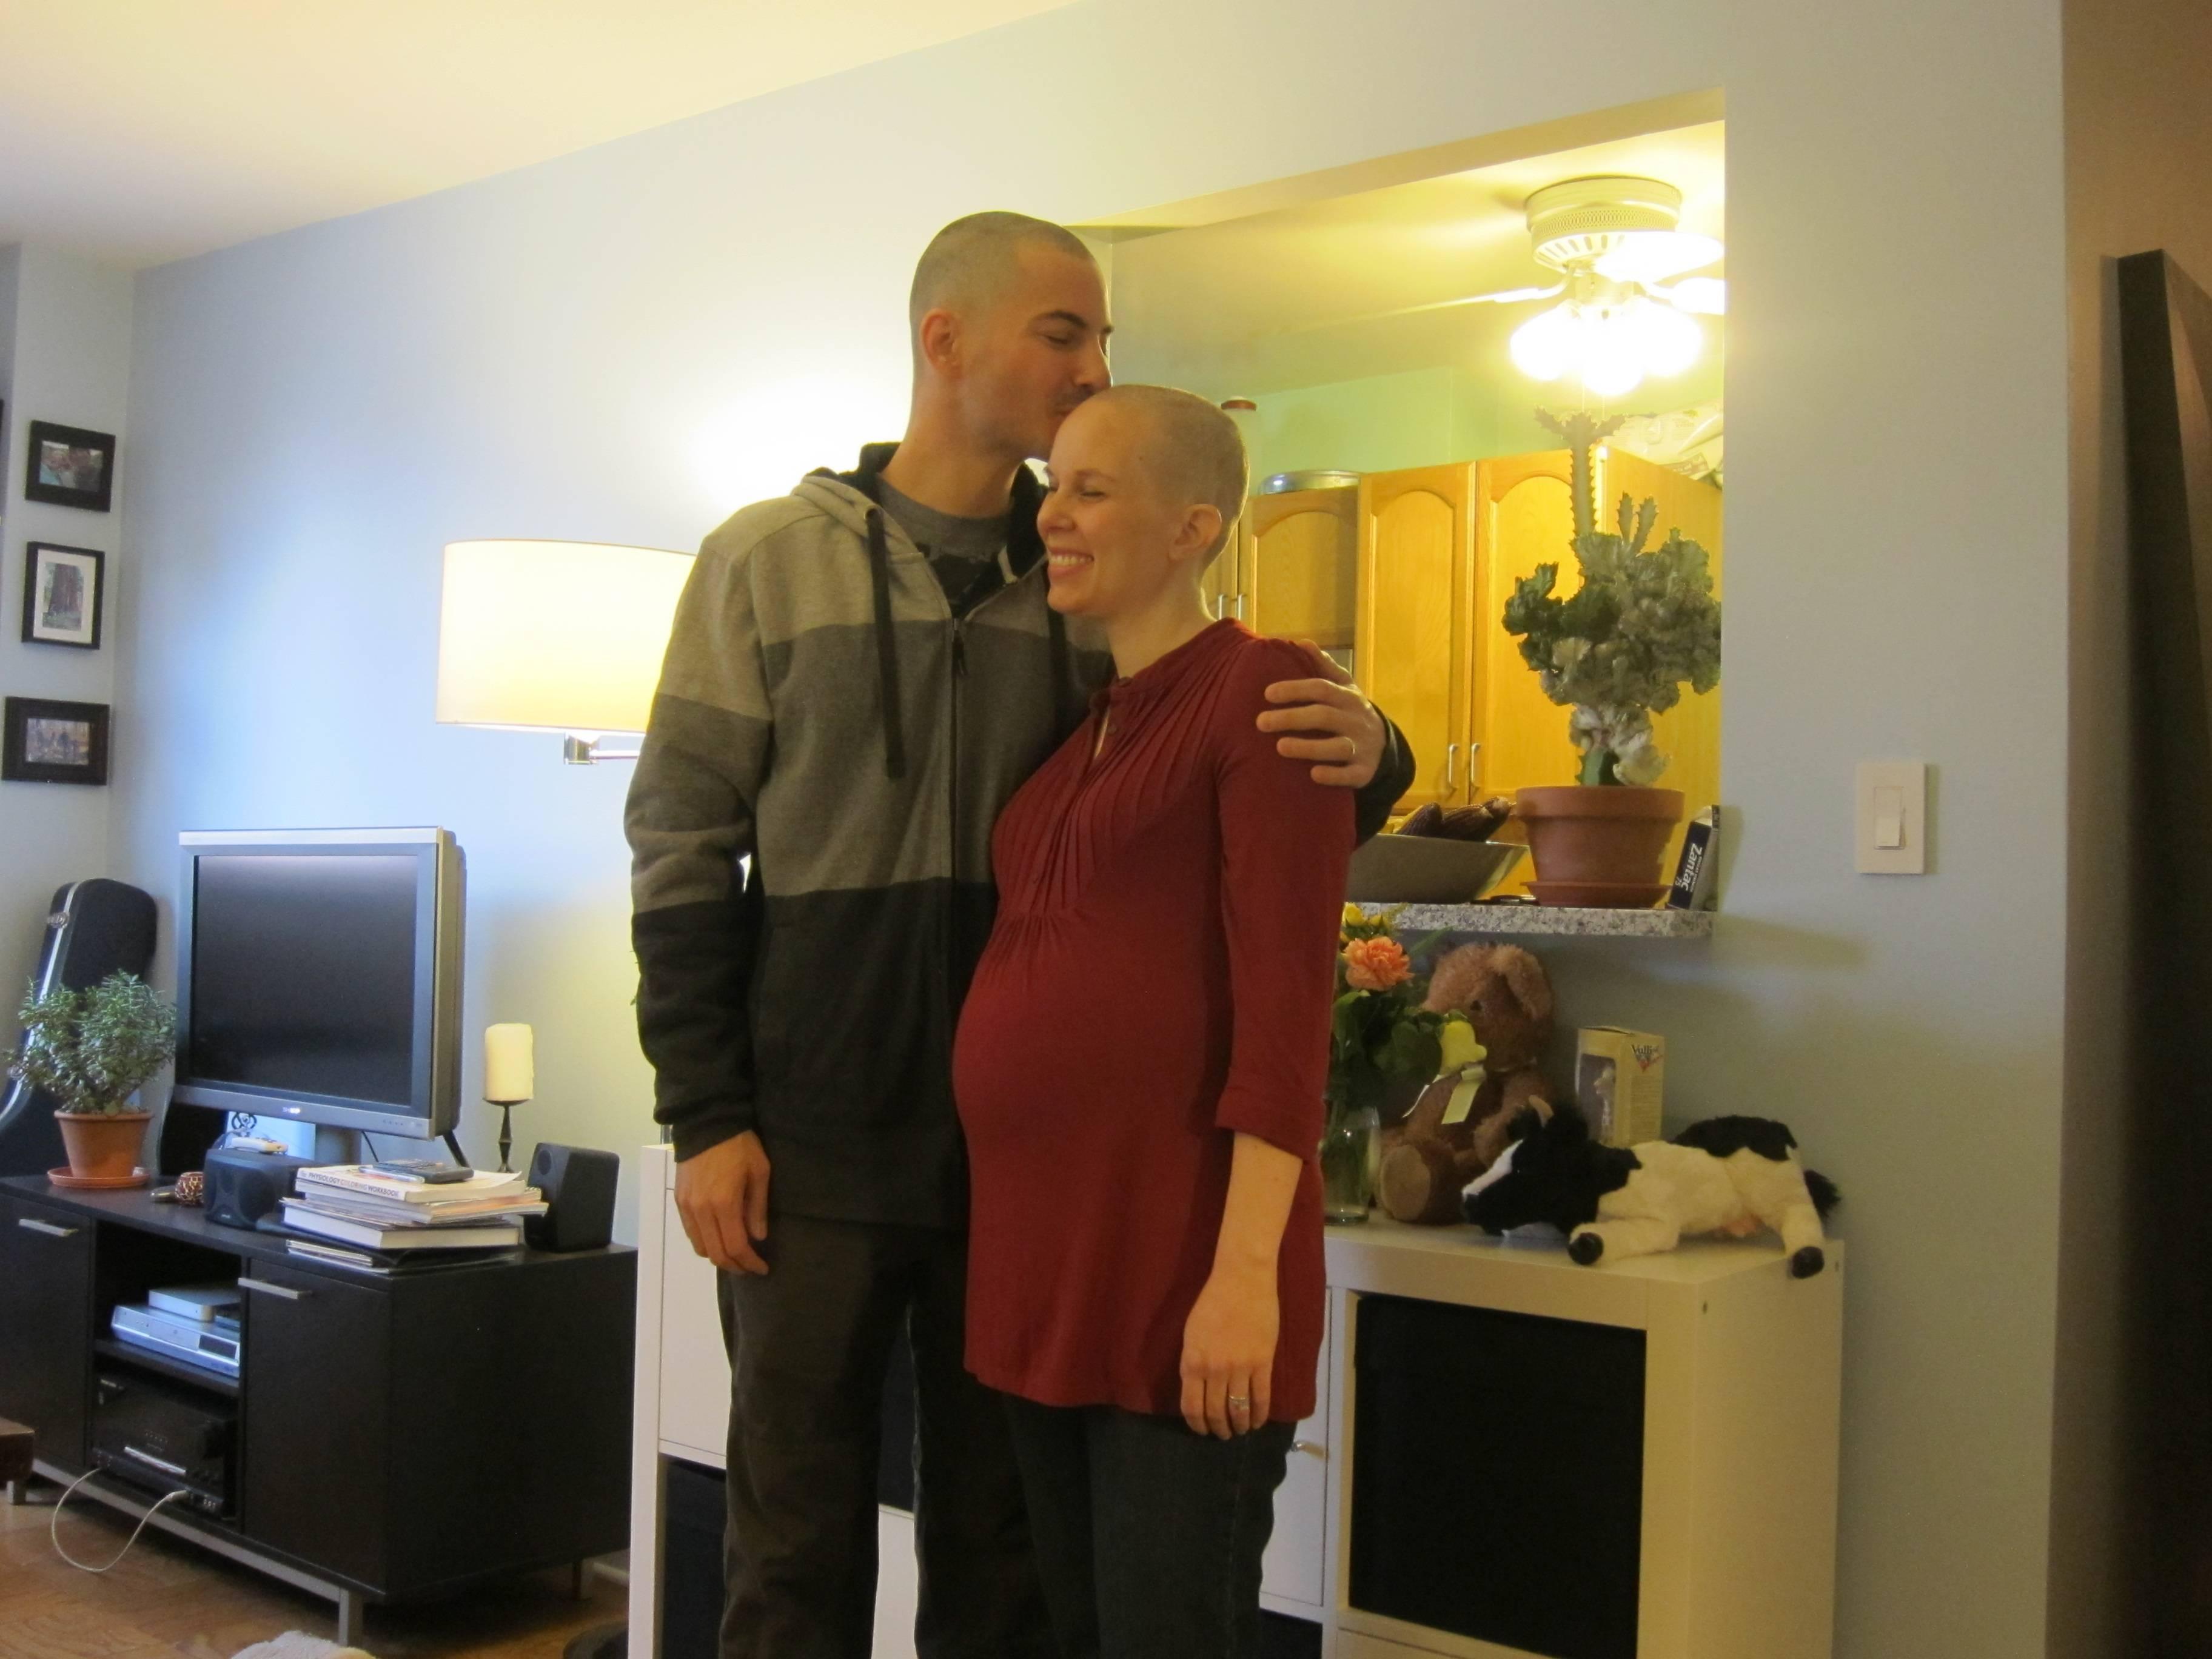 Marido raspa a cabeça  para apoiar mulher com câncer